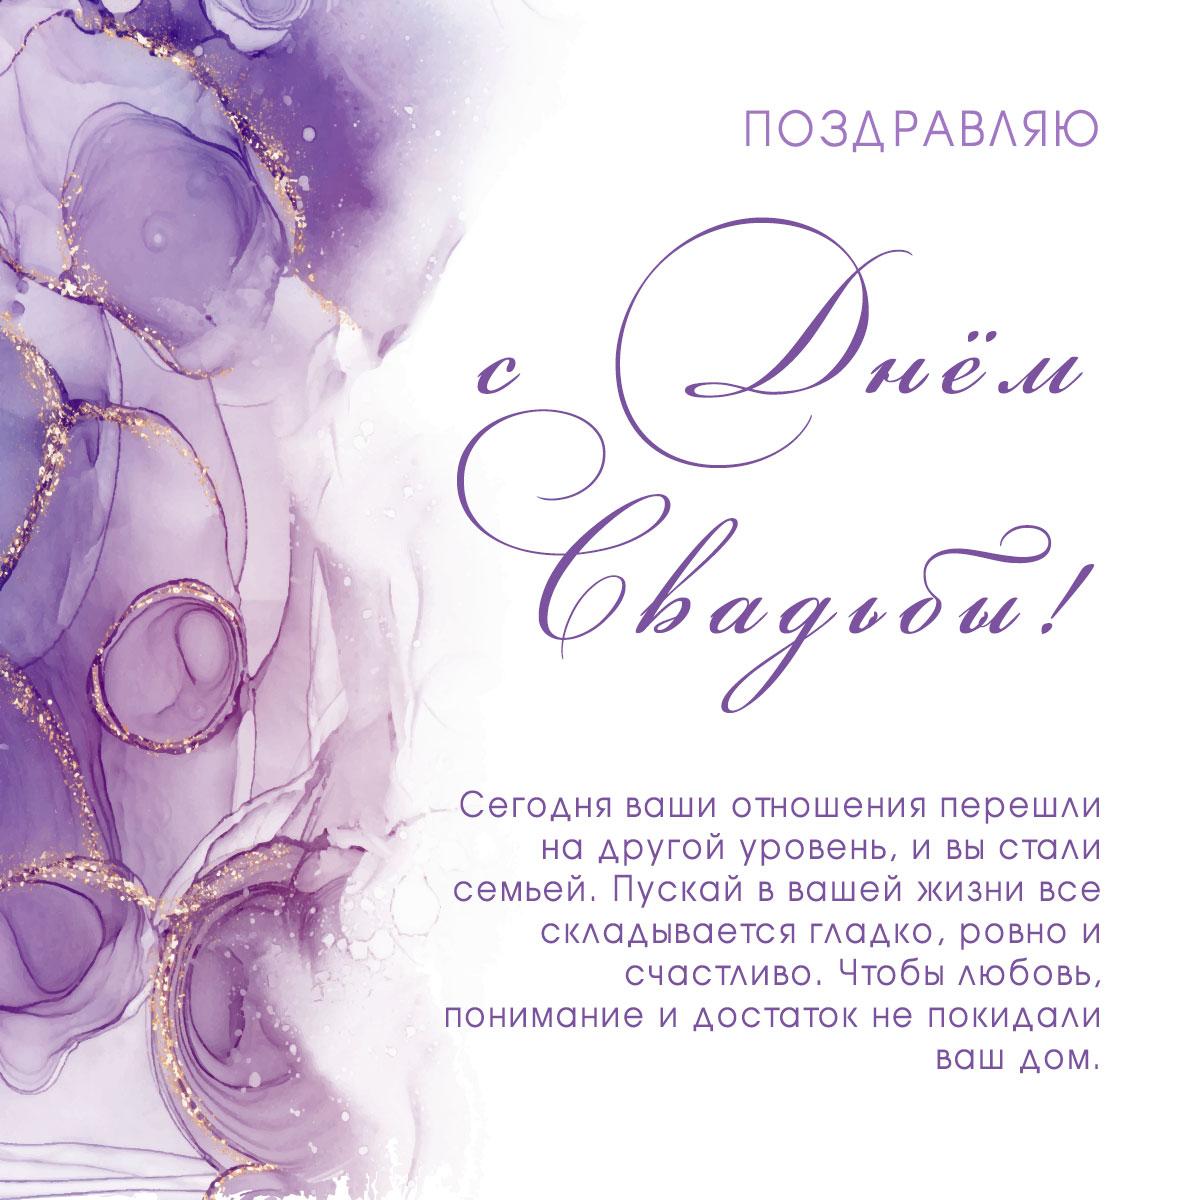 Каллиграфический текст свадебного поздравления на пурпурном фоне.